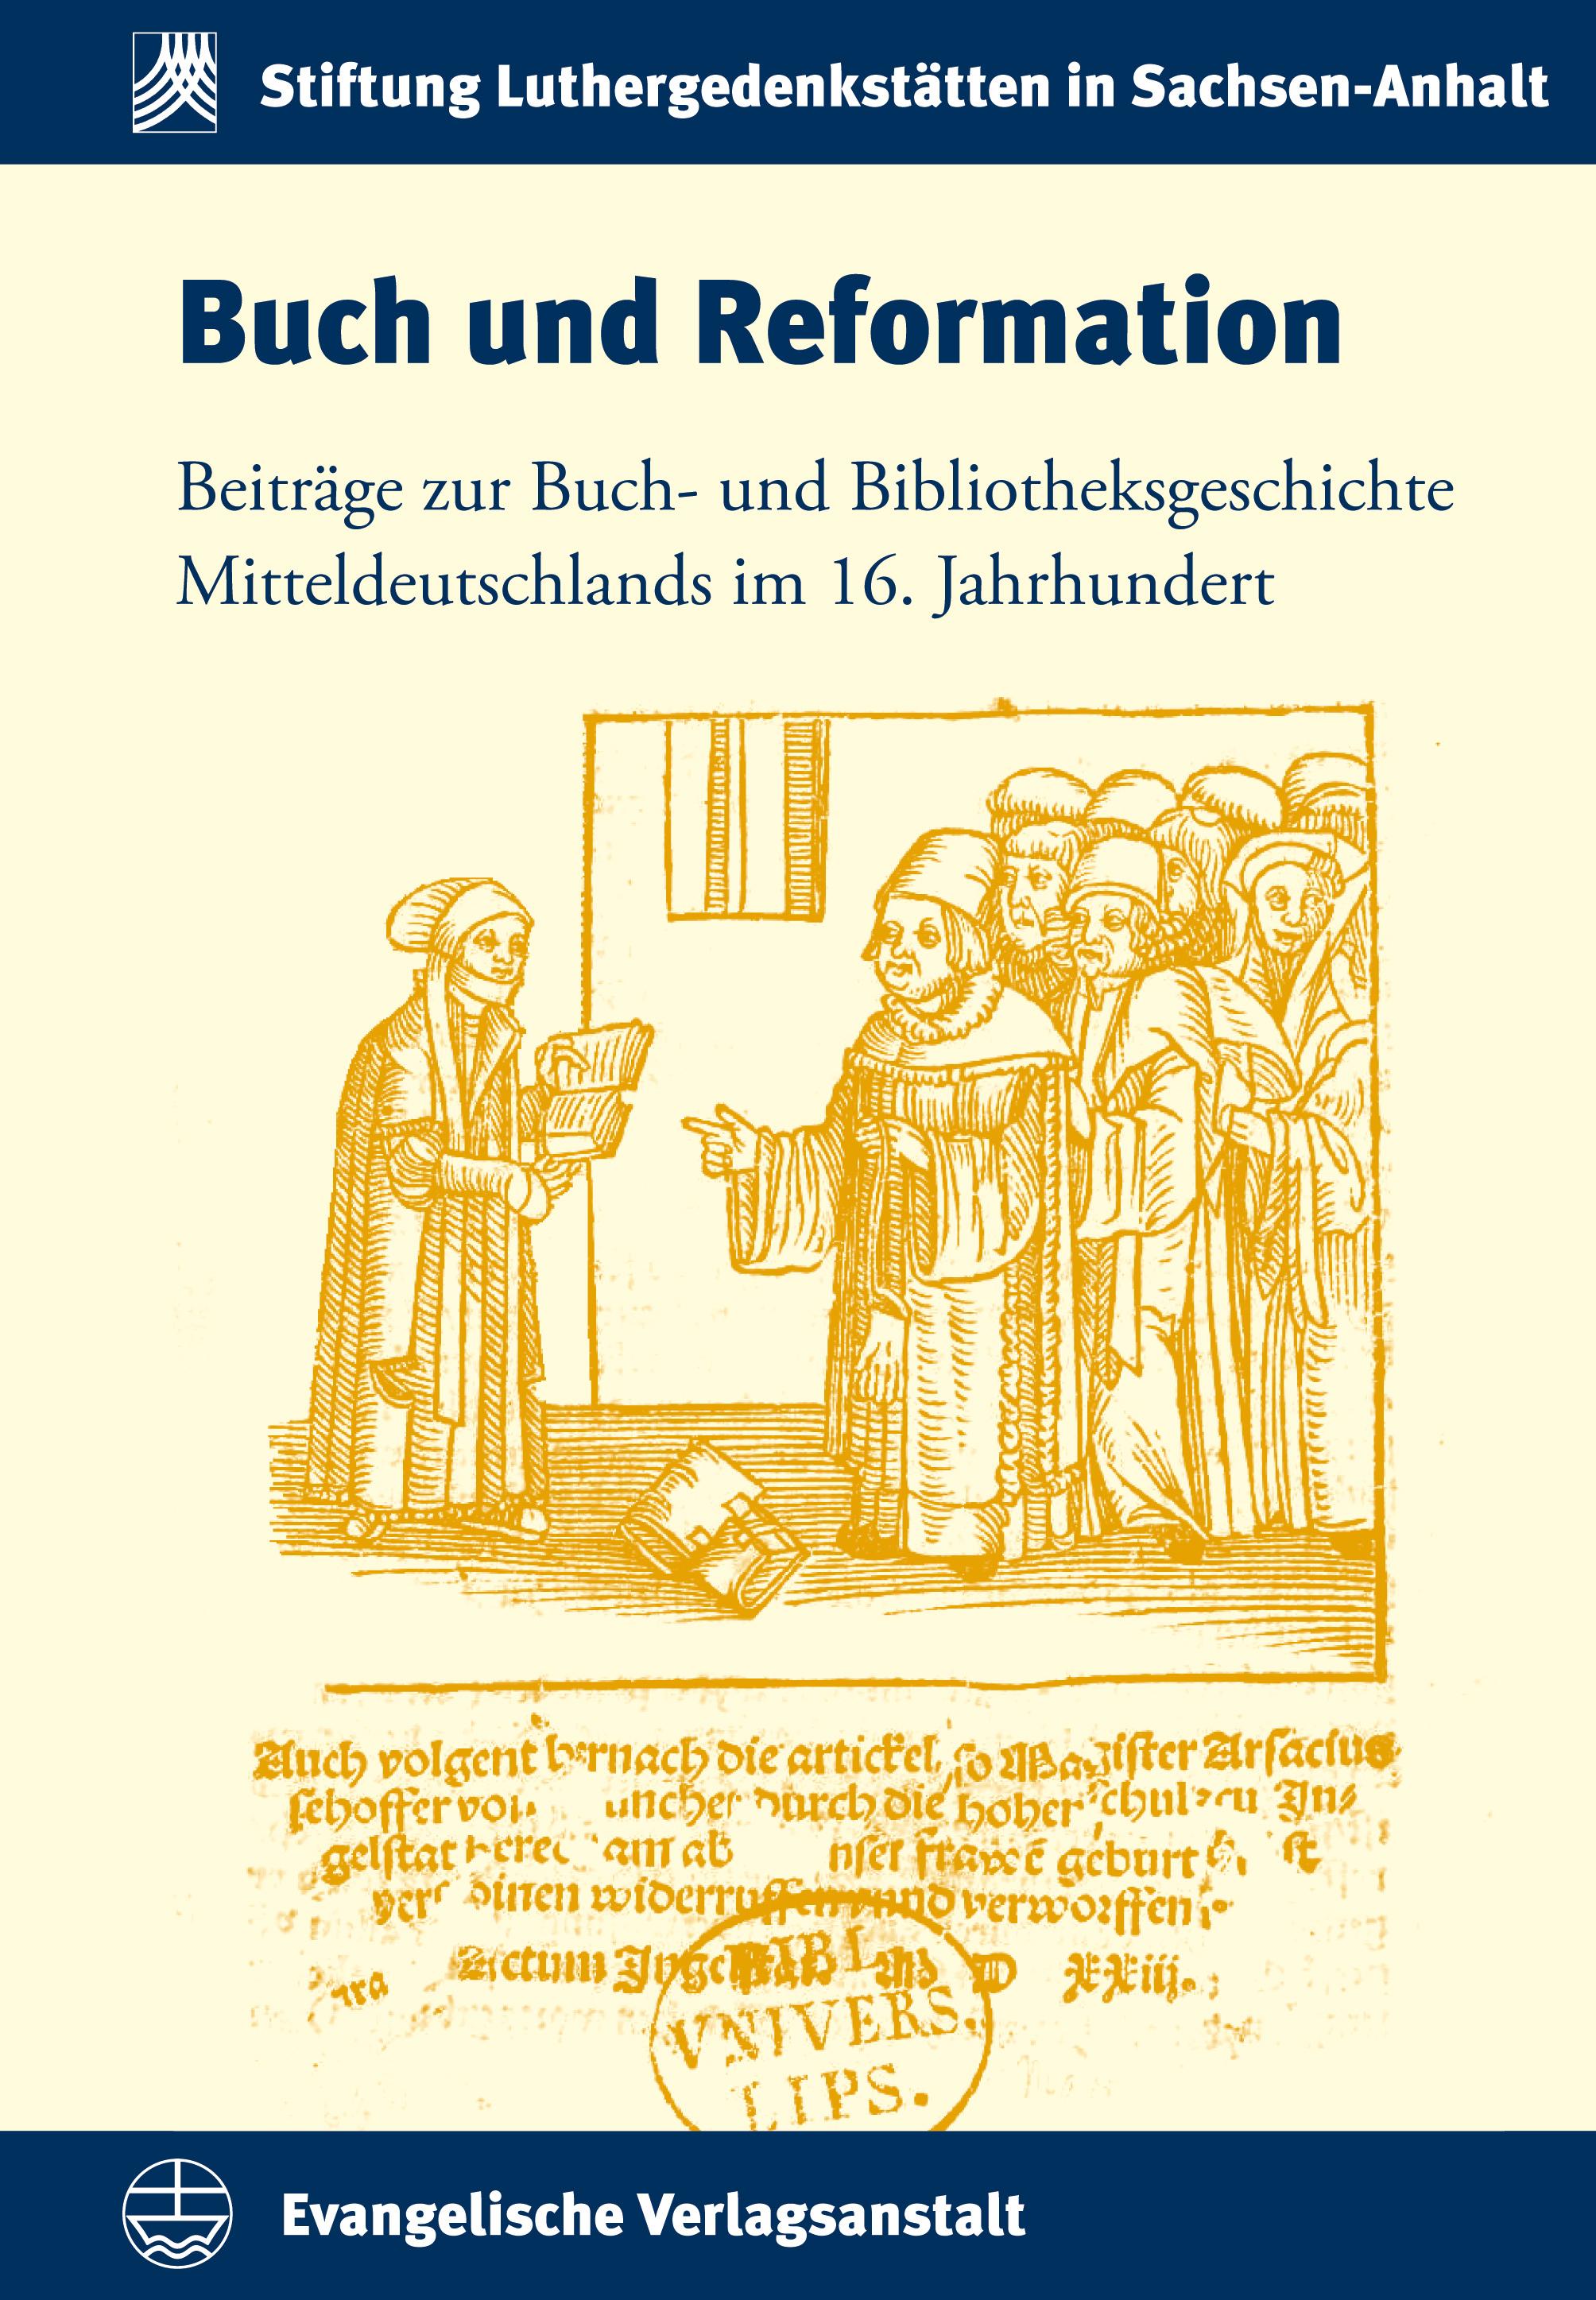 Buch und Reformation Enno Bünz